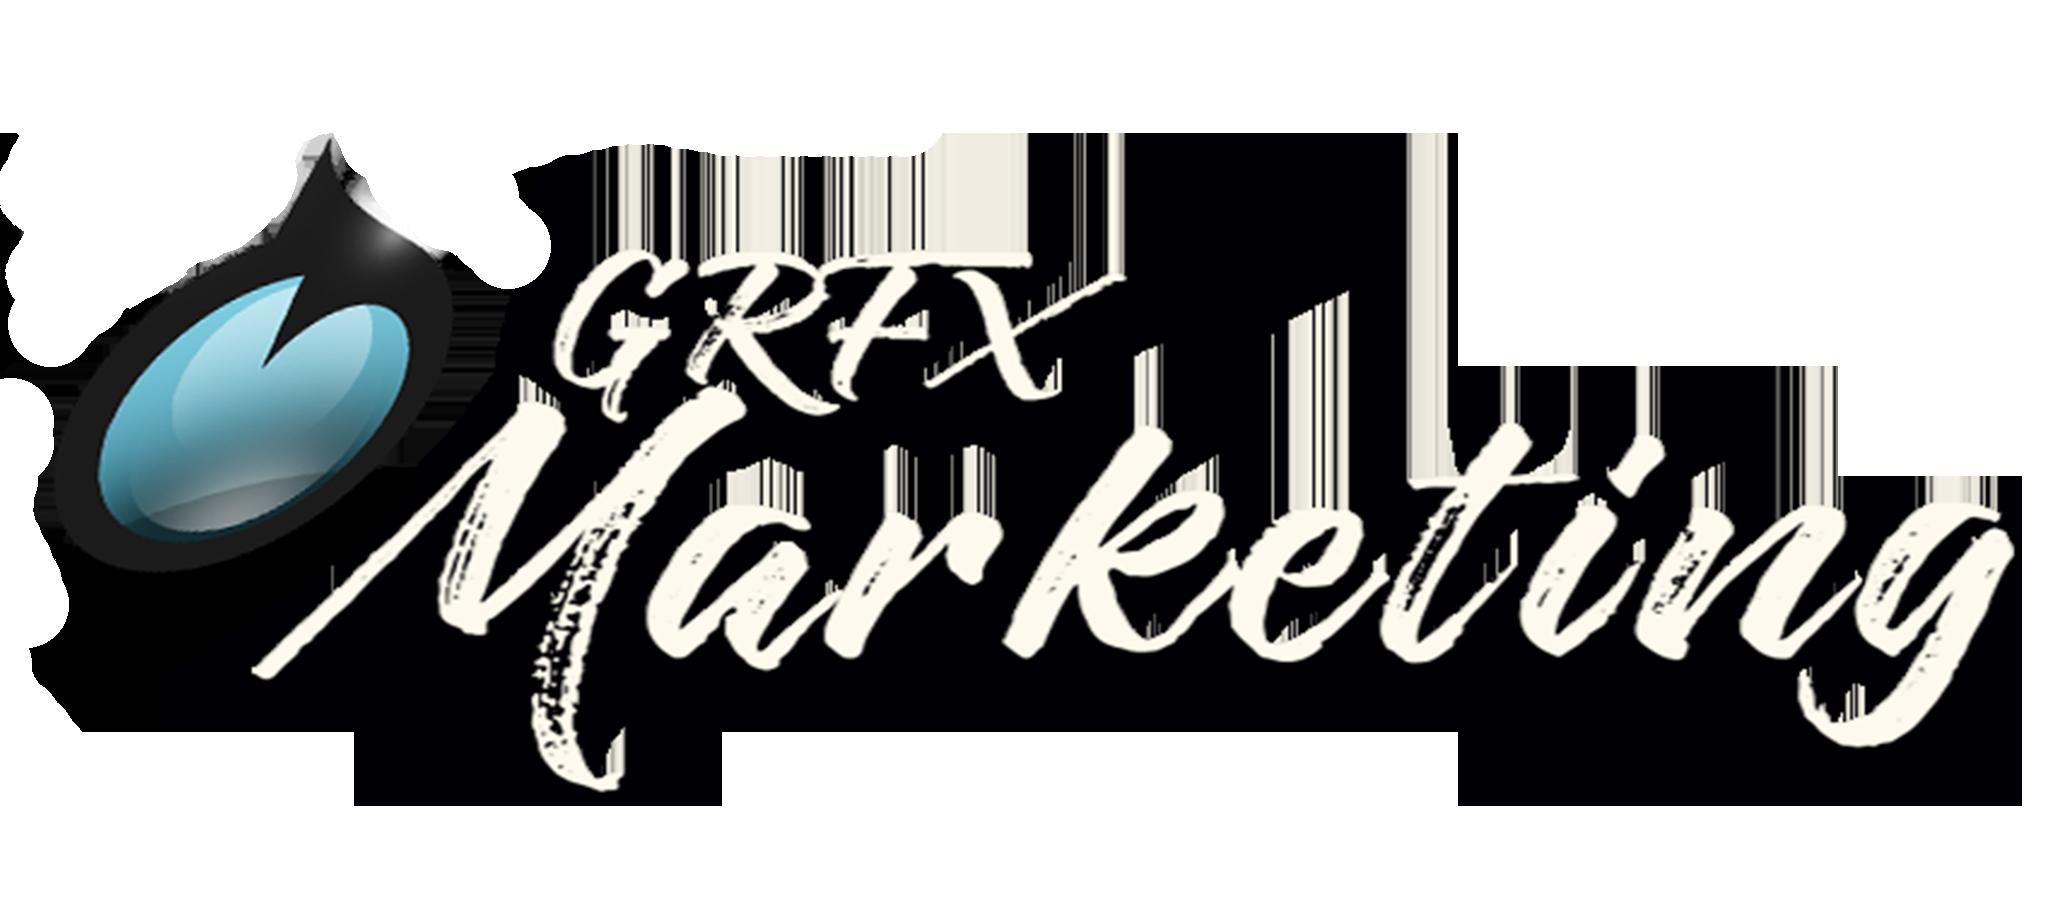 GrfxMarketing, a chatbot developer